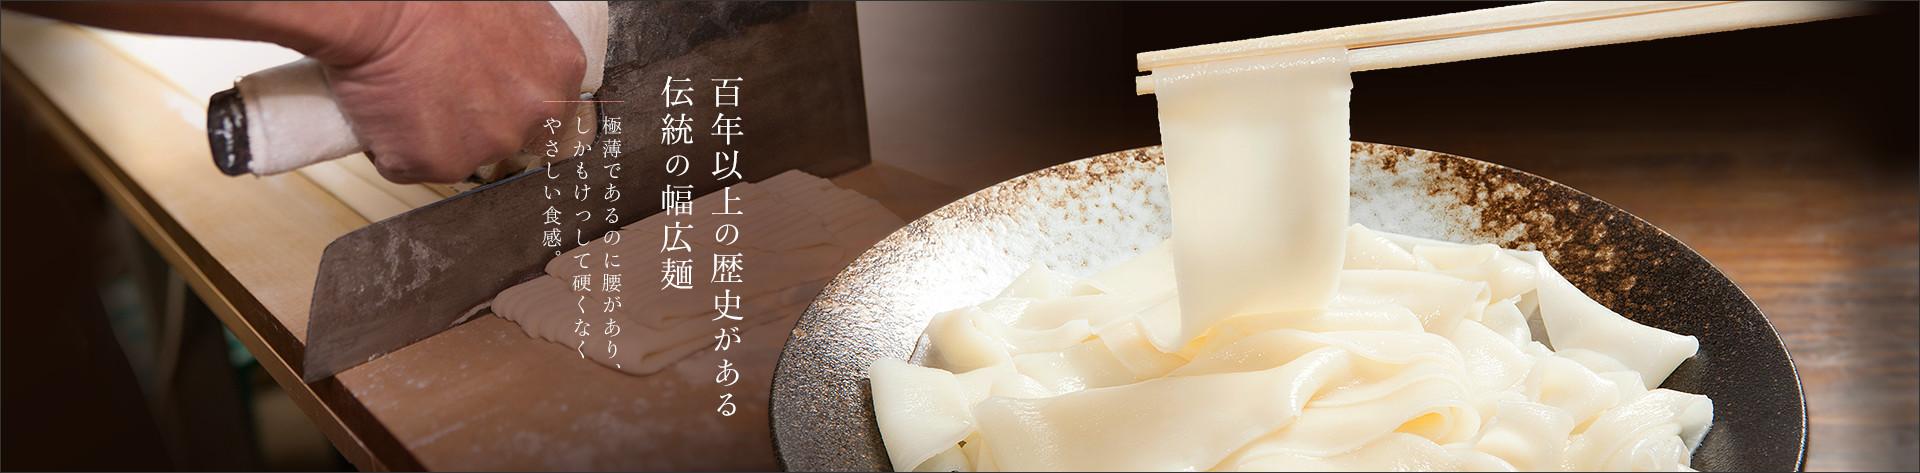 百年以上の歴史がある伝統の幅広麺極薄であるのに腰があり、しかもけっして硬くなくやさしい食感。